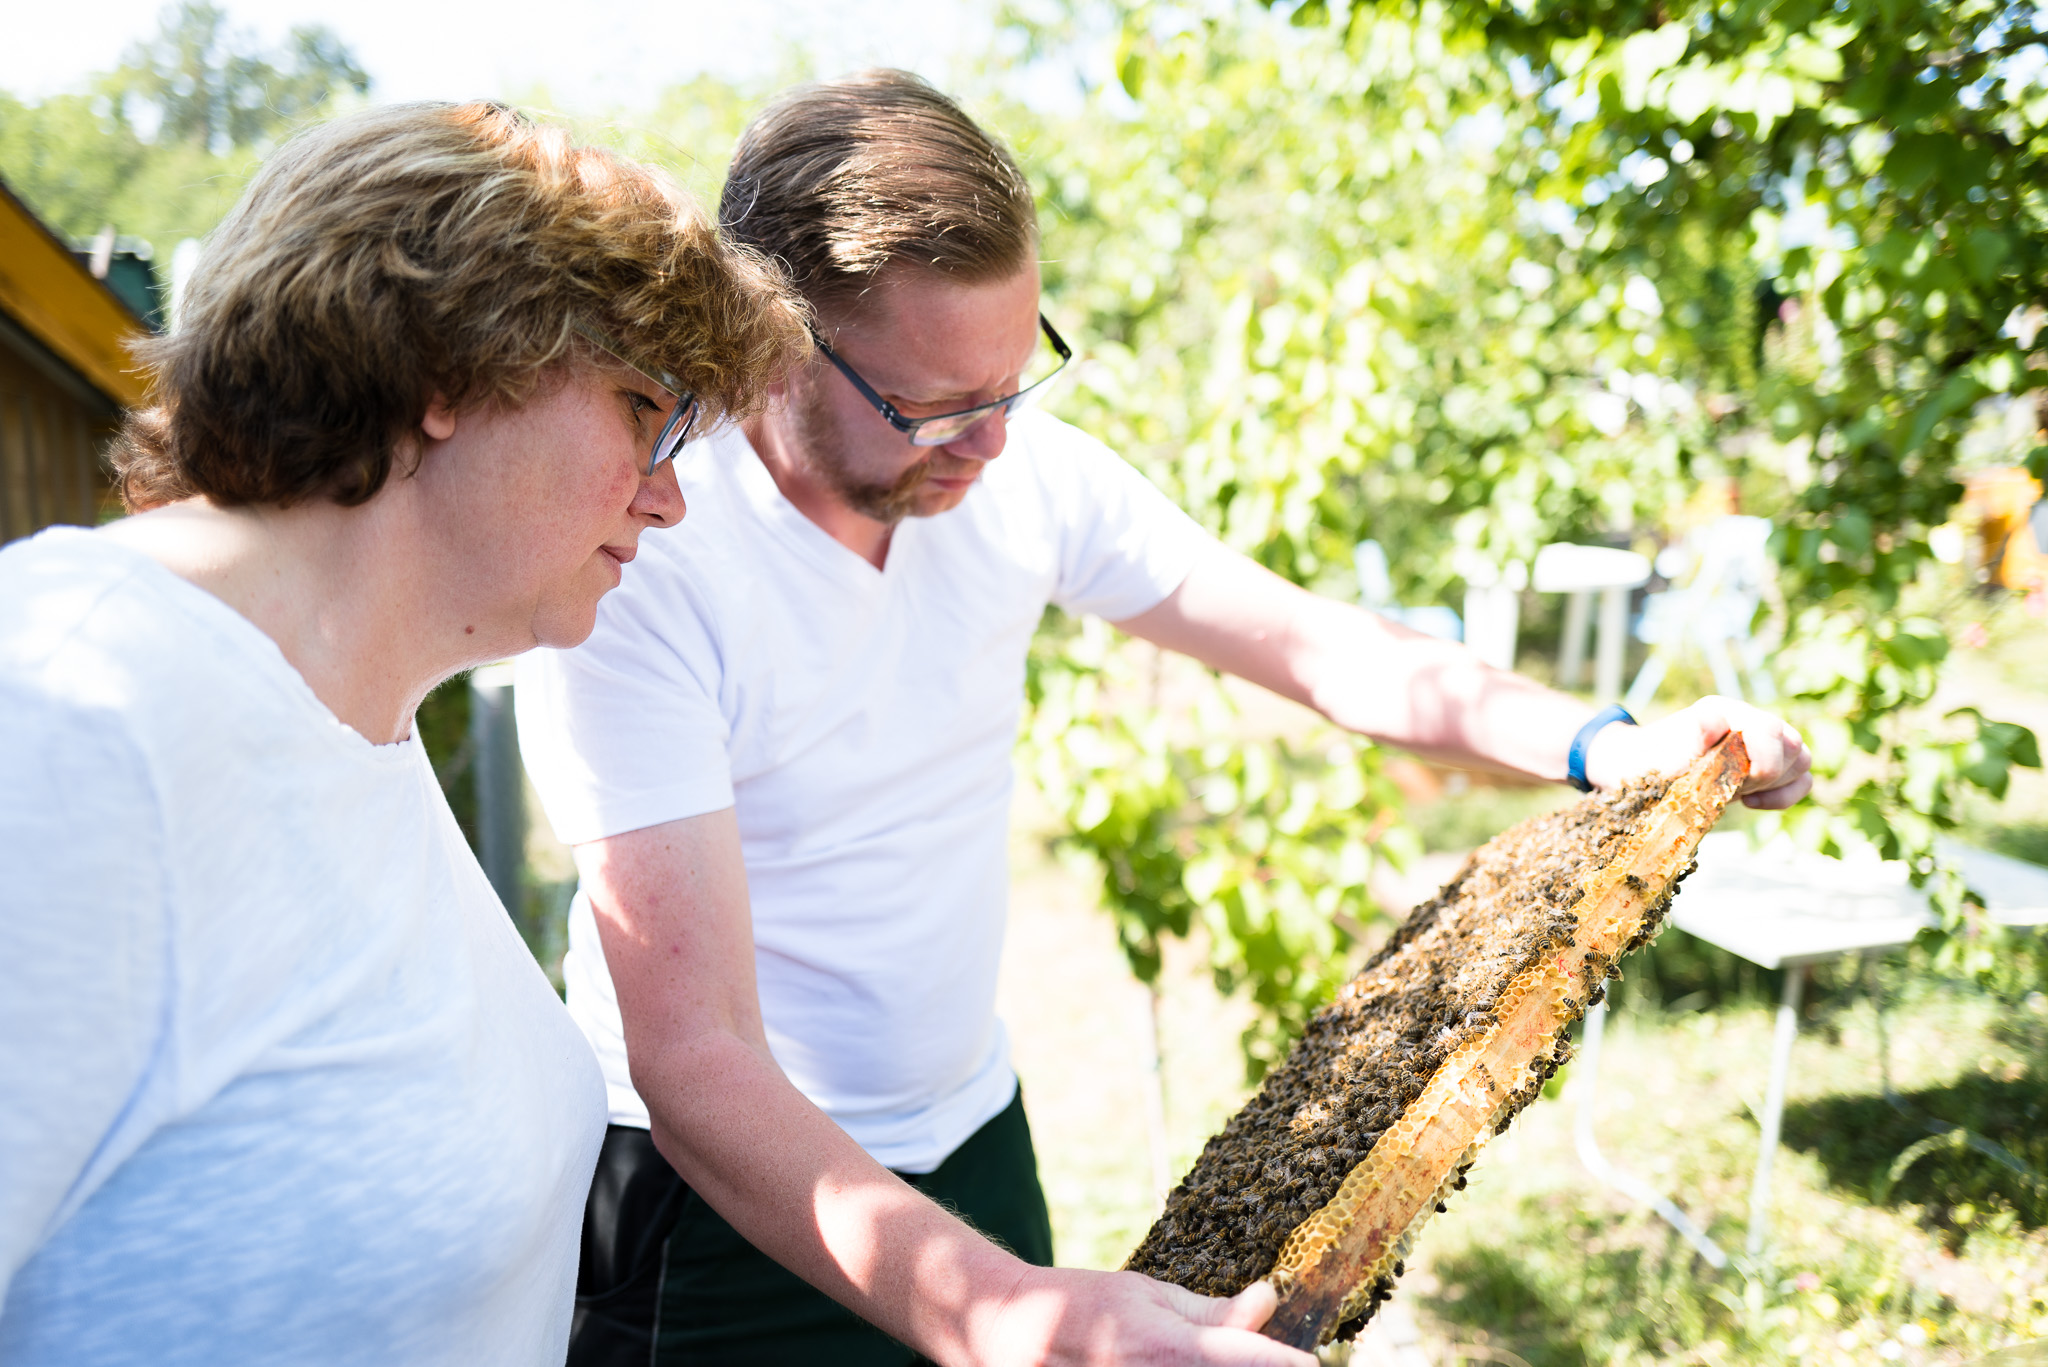 Imker - Ueberpruefung der Bienenstoecke